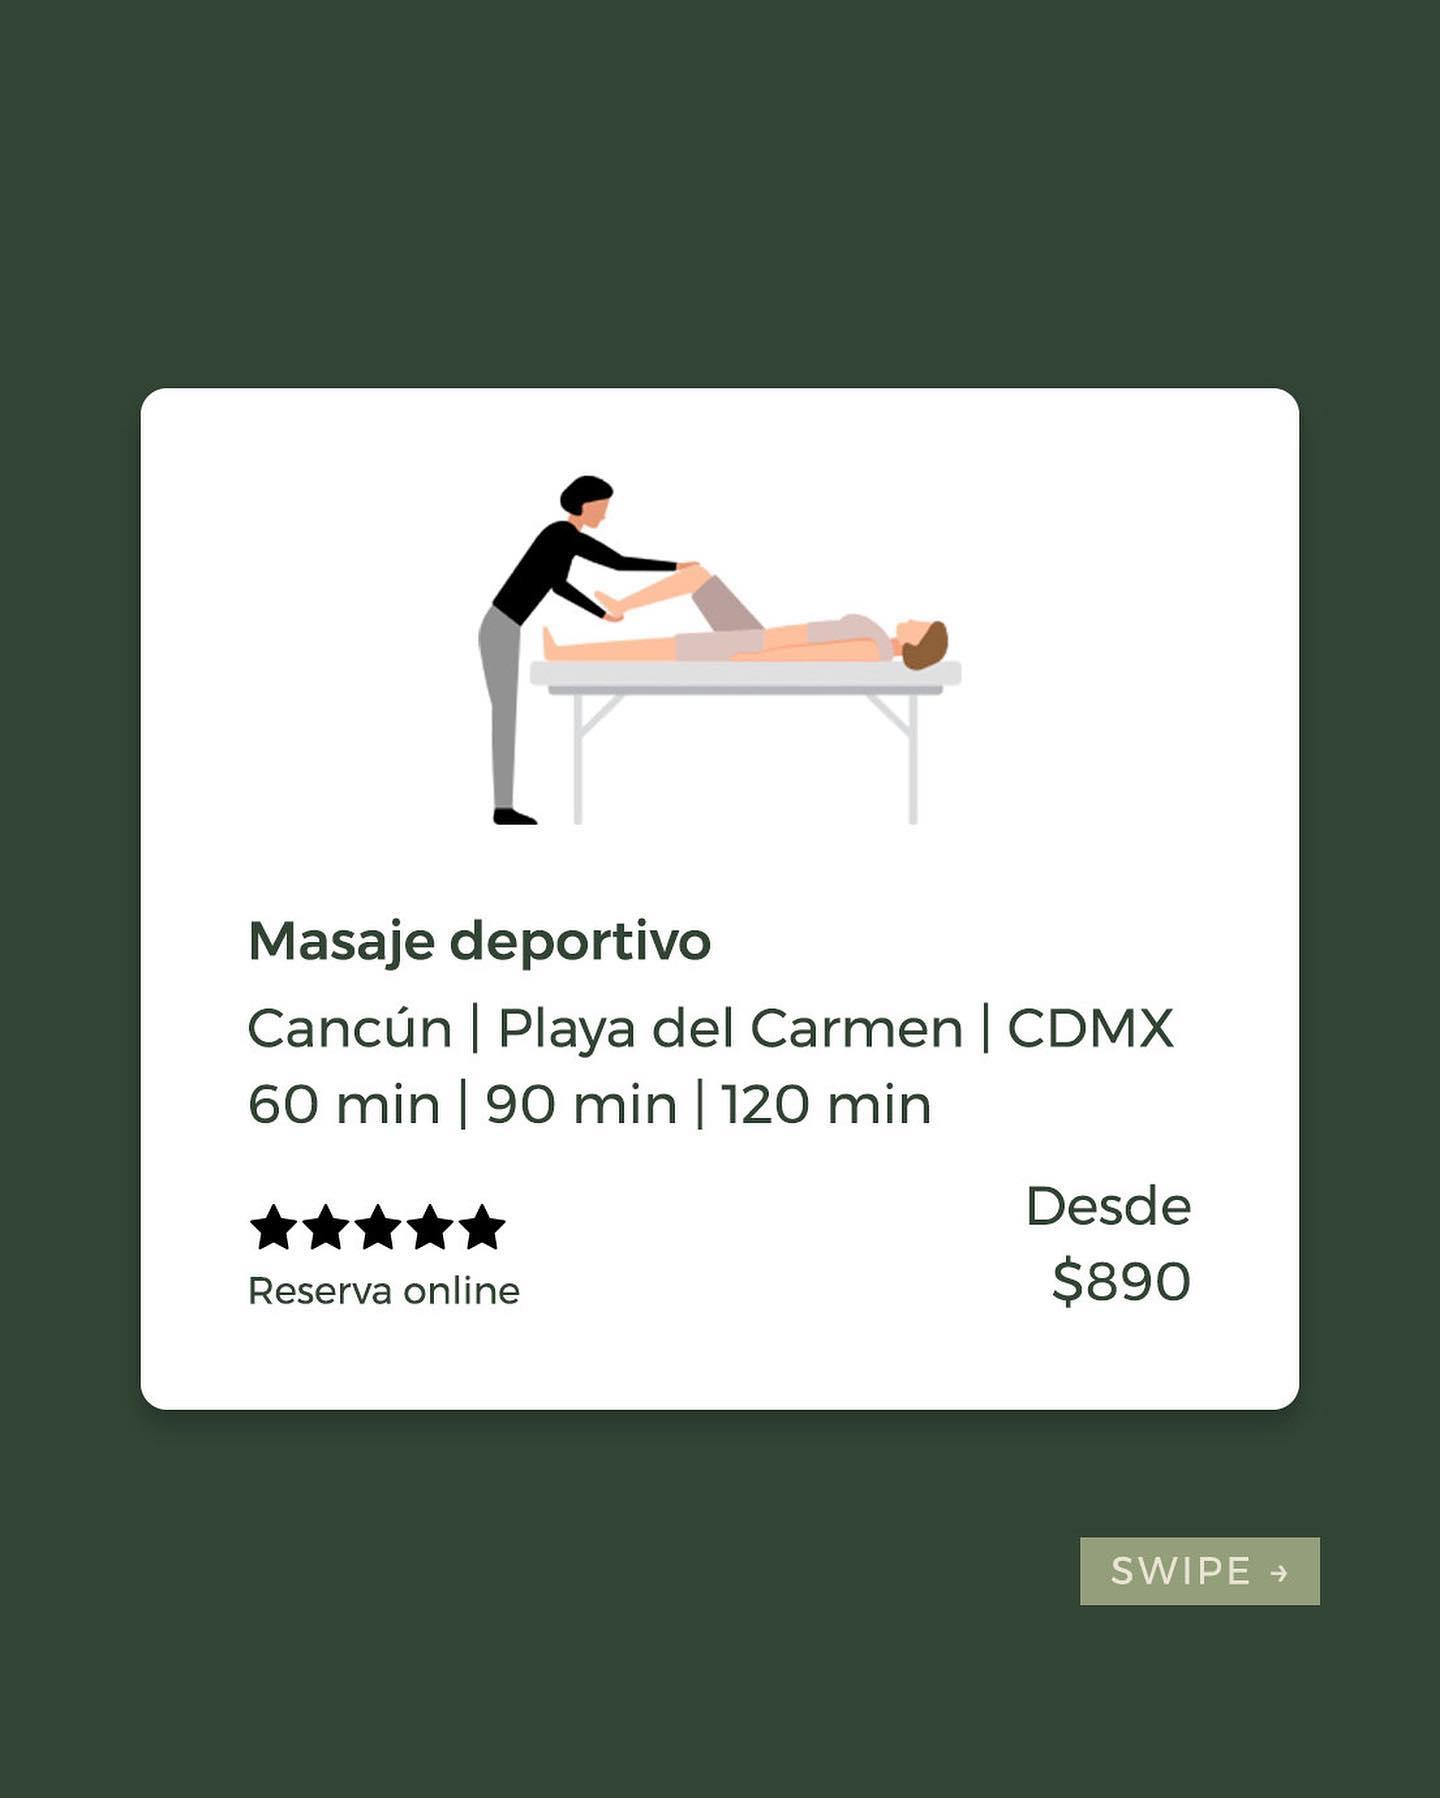 ✨Masaje deportivo 👉🏼 Descontractura tus músculos y optimiza tu rendimiento físico.  🙌🏼Desde $890 pesos por 60 minutos. 📍